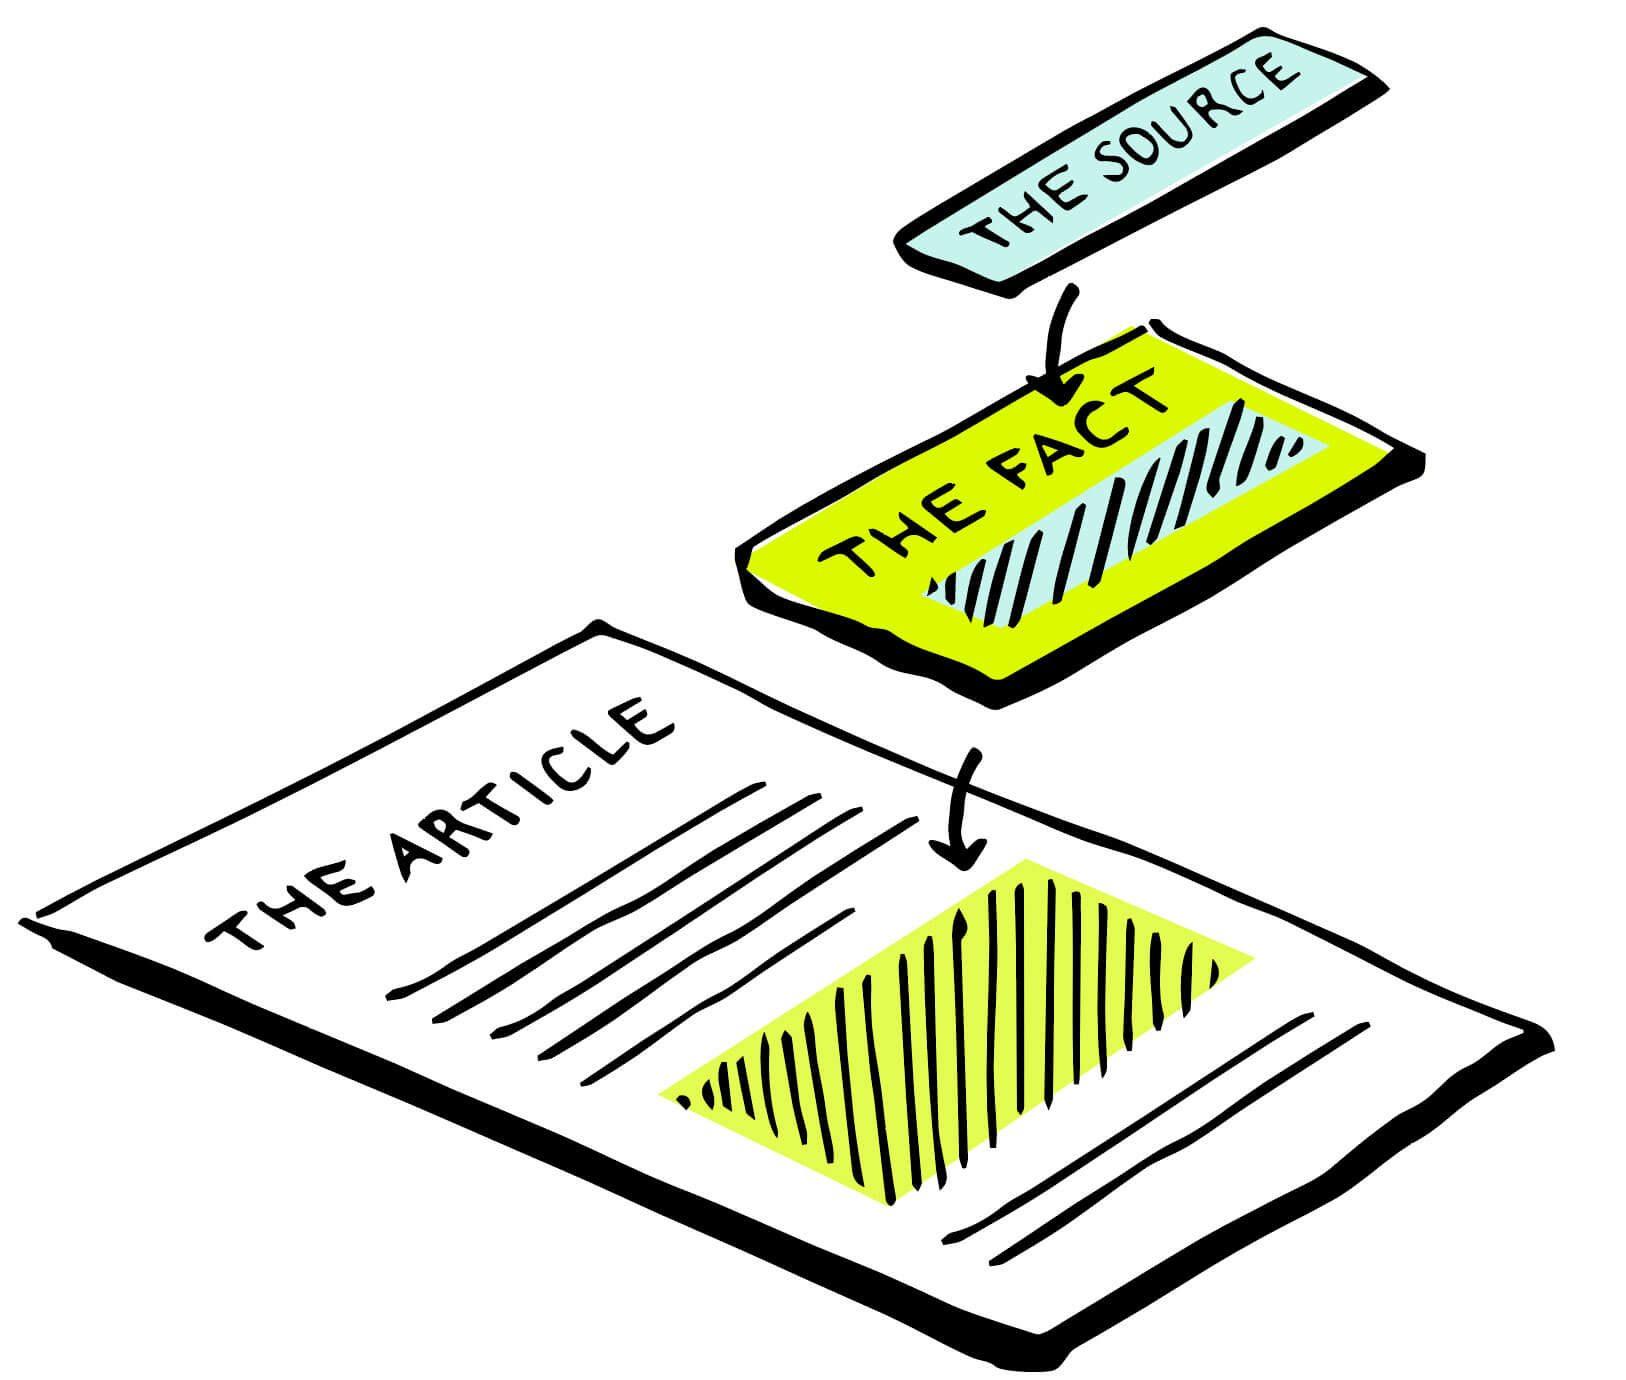 Wikitribune, il fondatore di Wikipedia lancia un sito contro le fake news